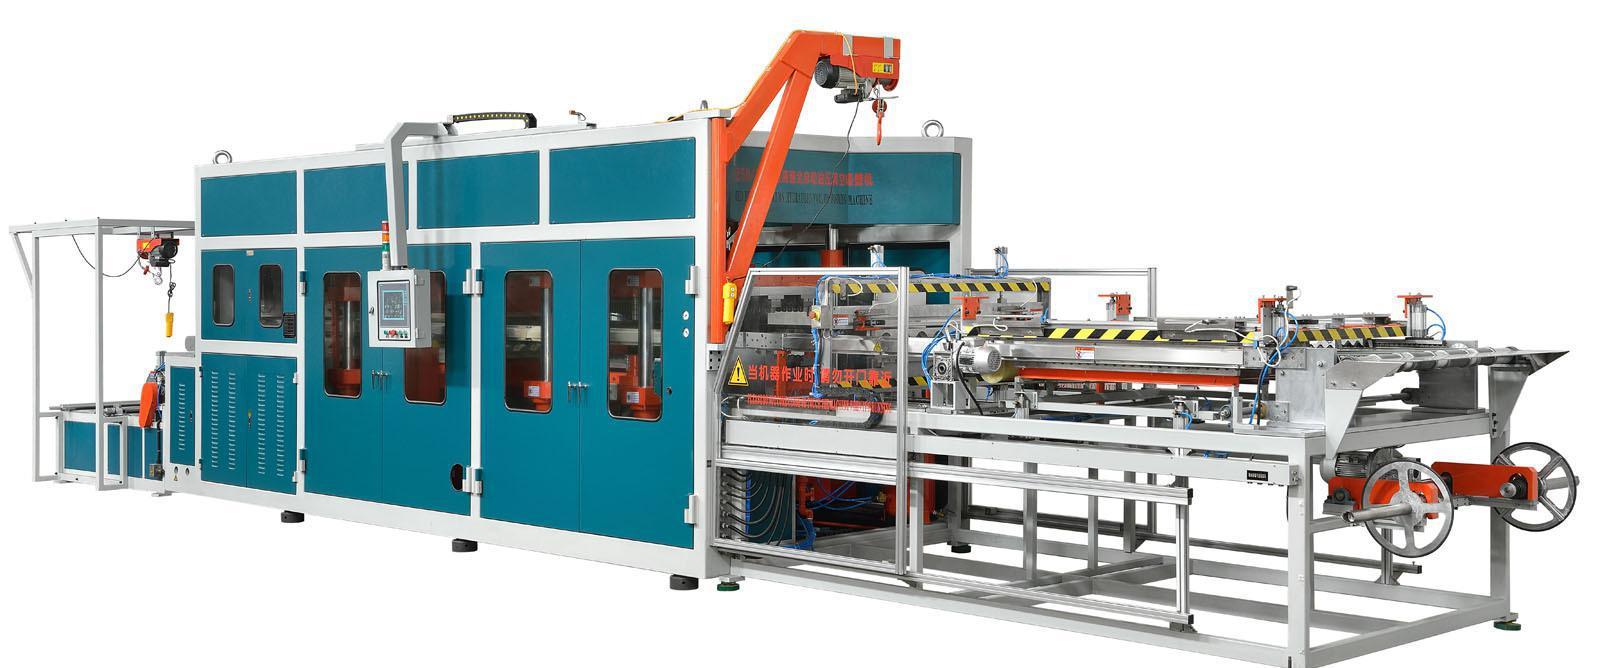 塑料杯印刷机科普干式复合机。